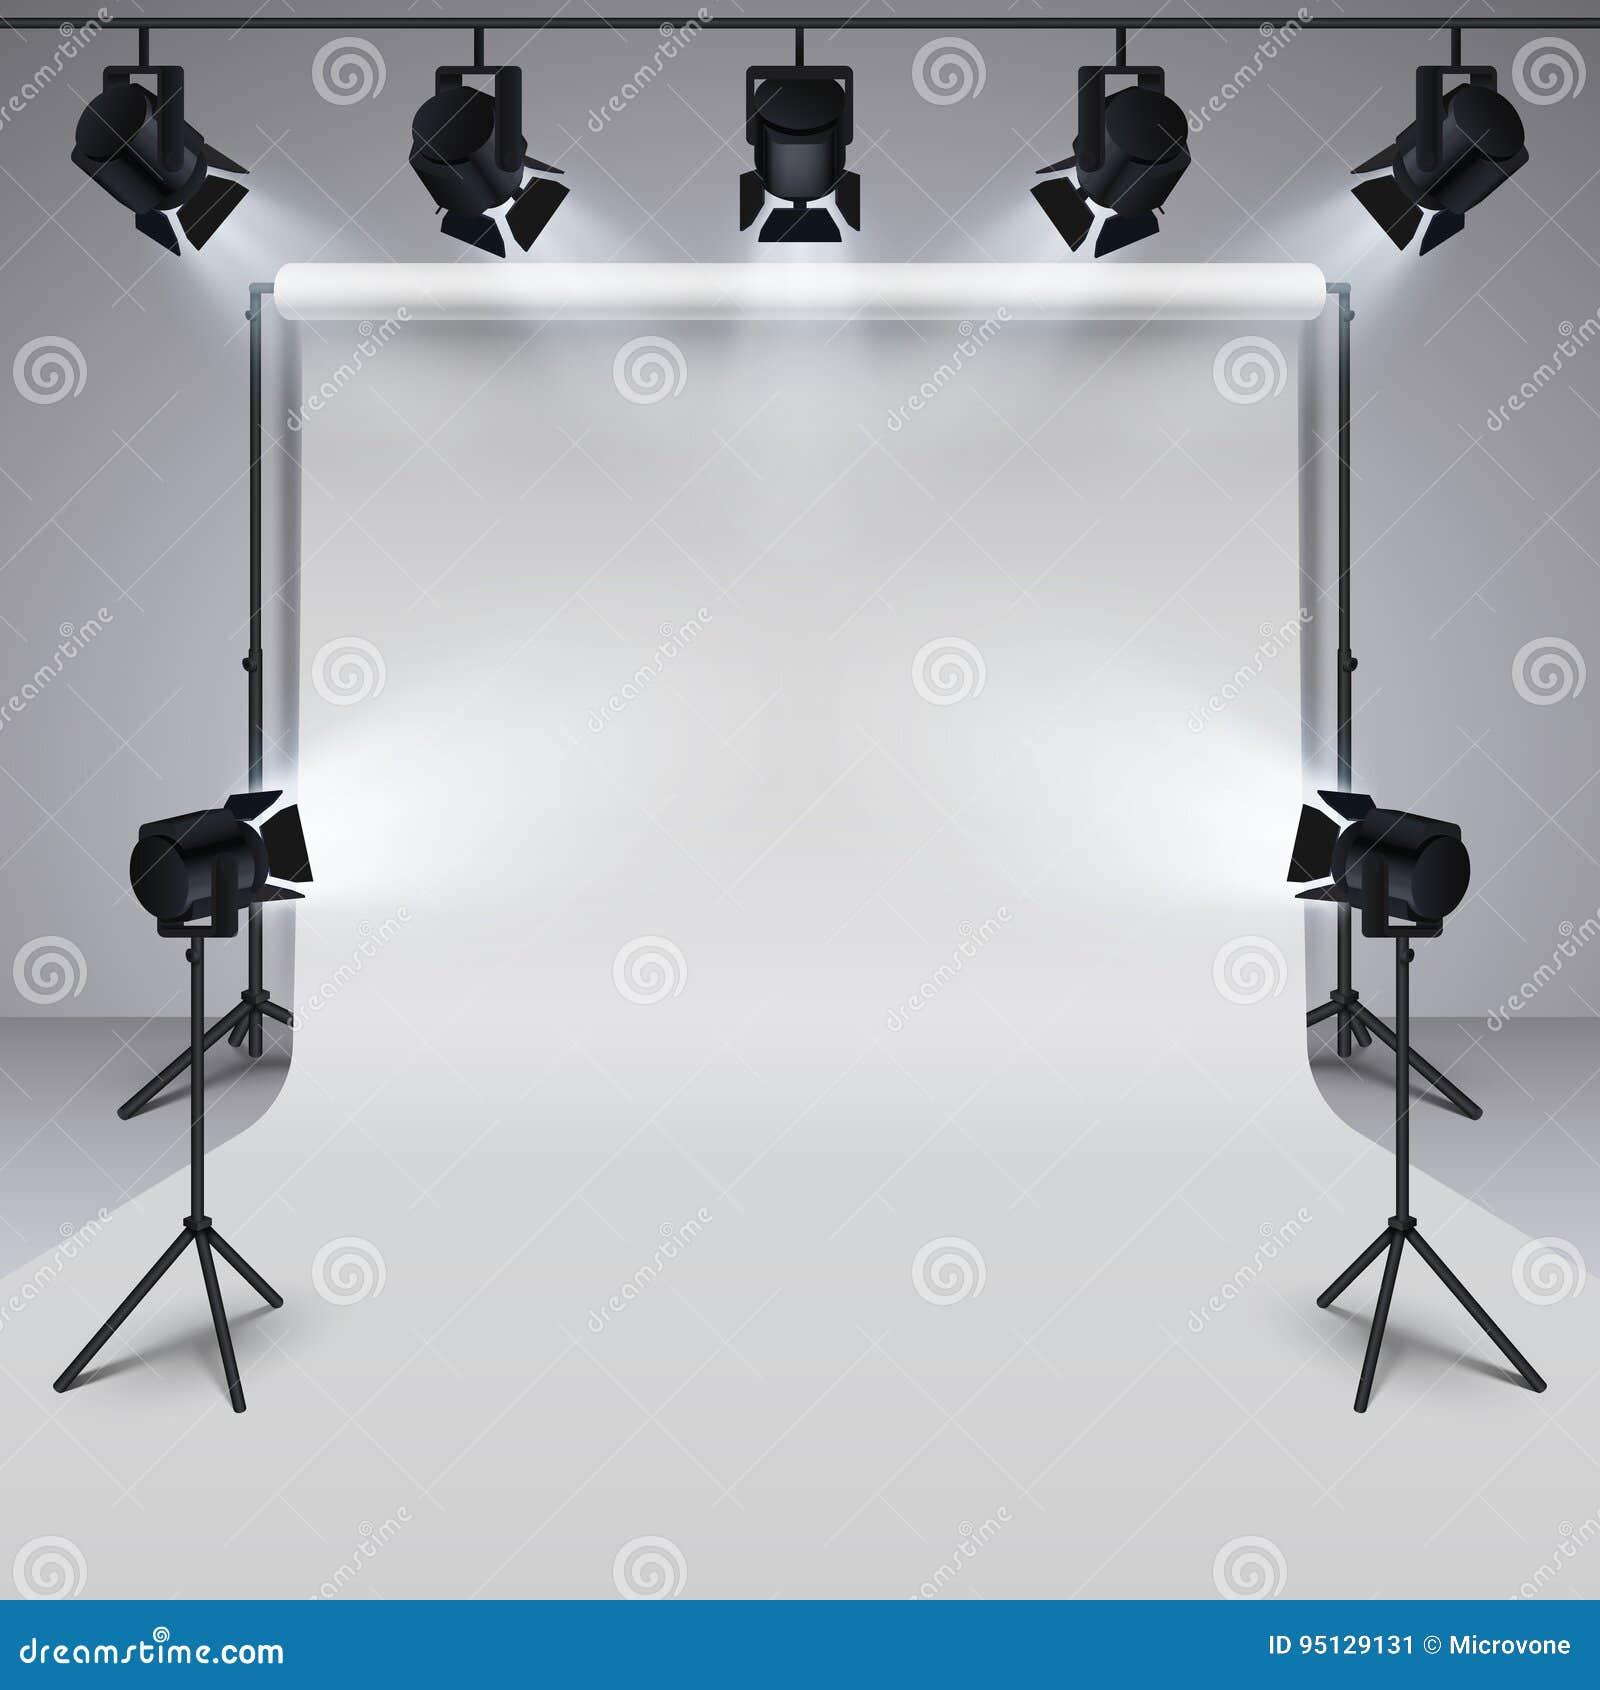 Equipo de iluminación y fondo en blanco blanco del estudio profesional de la fotografía ilustración del vector 3d